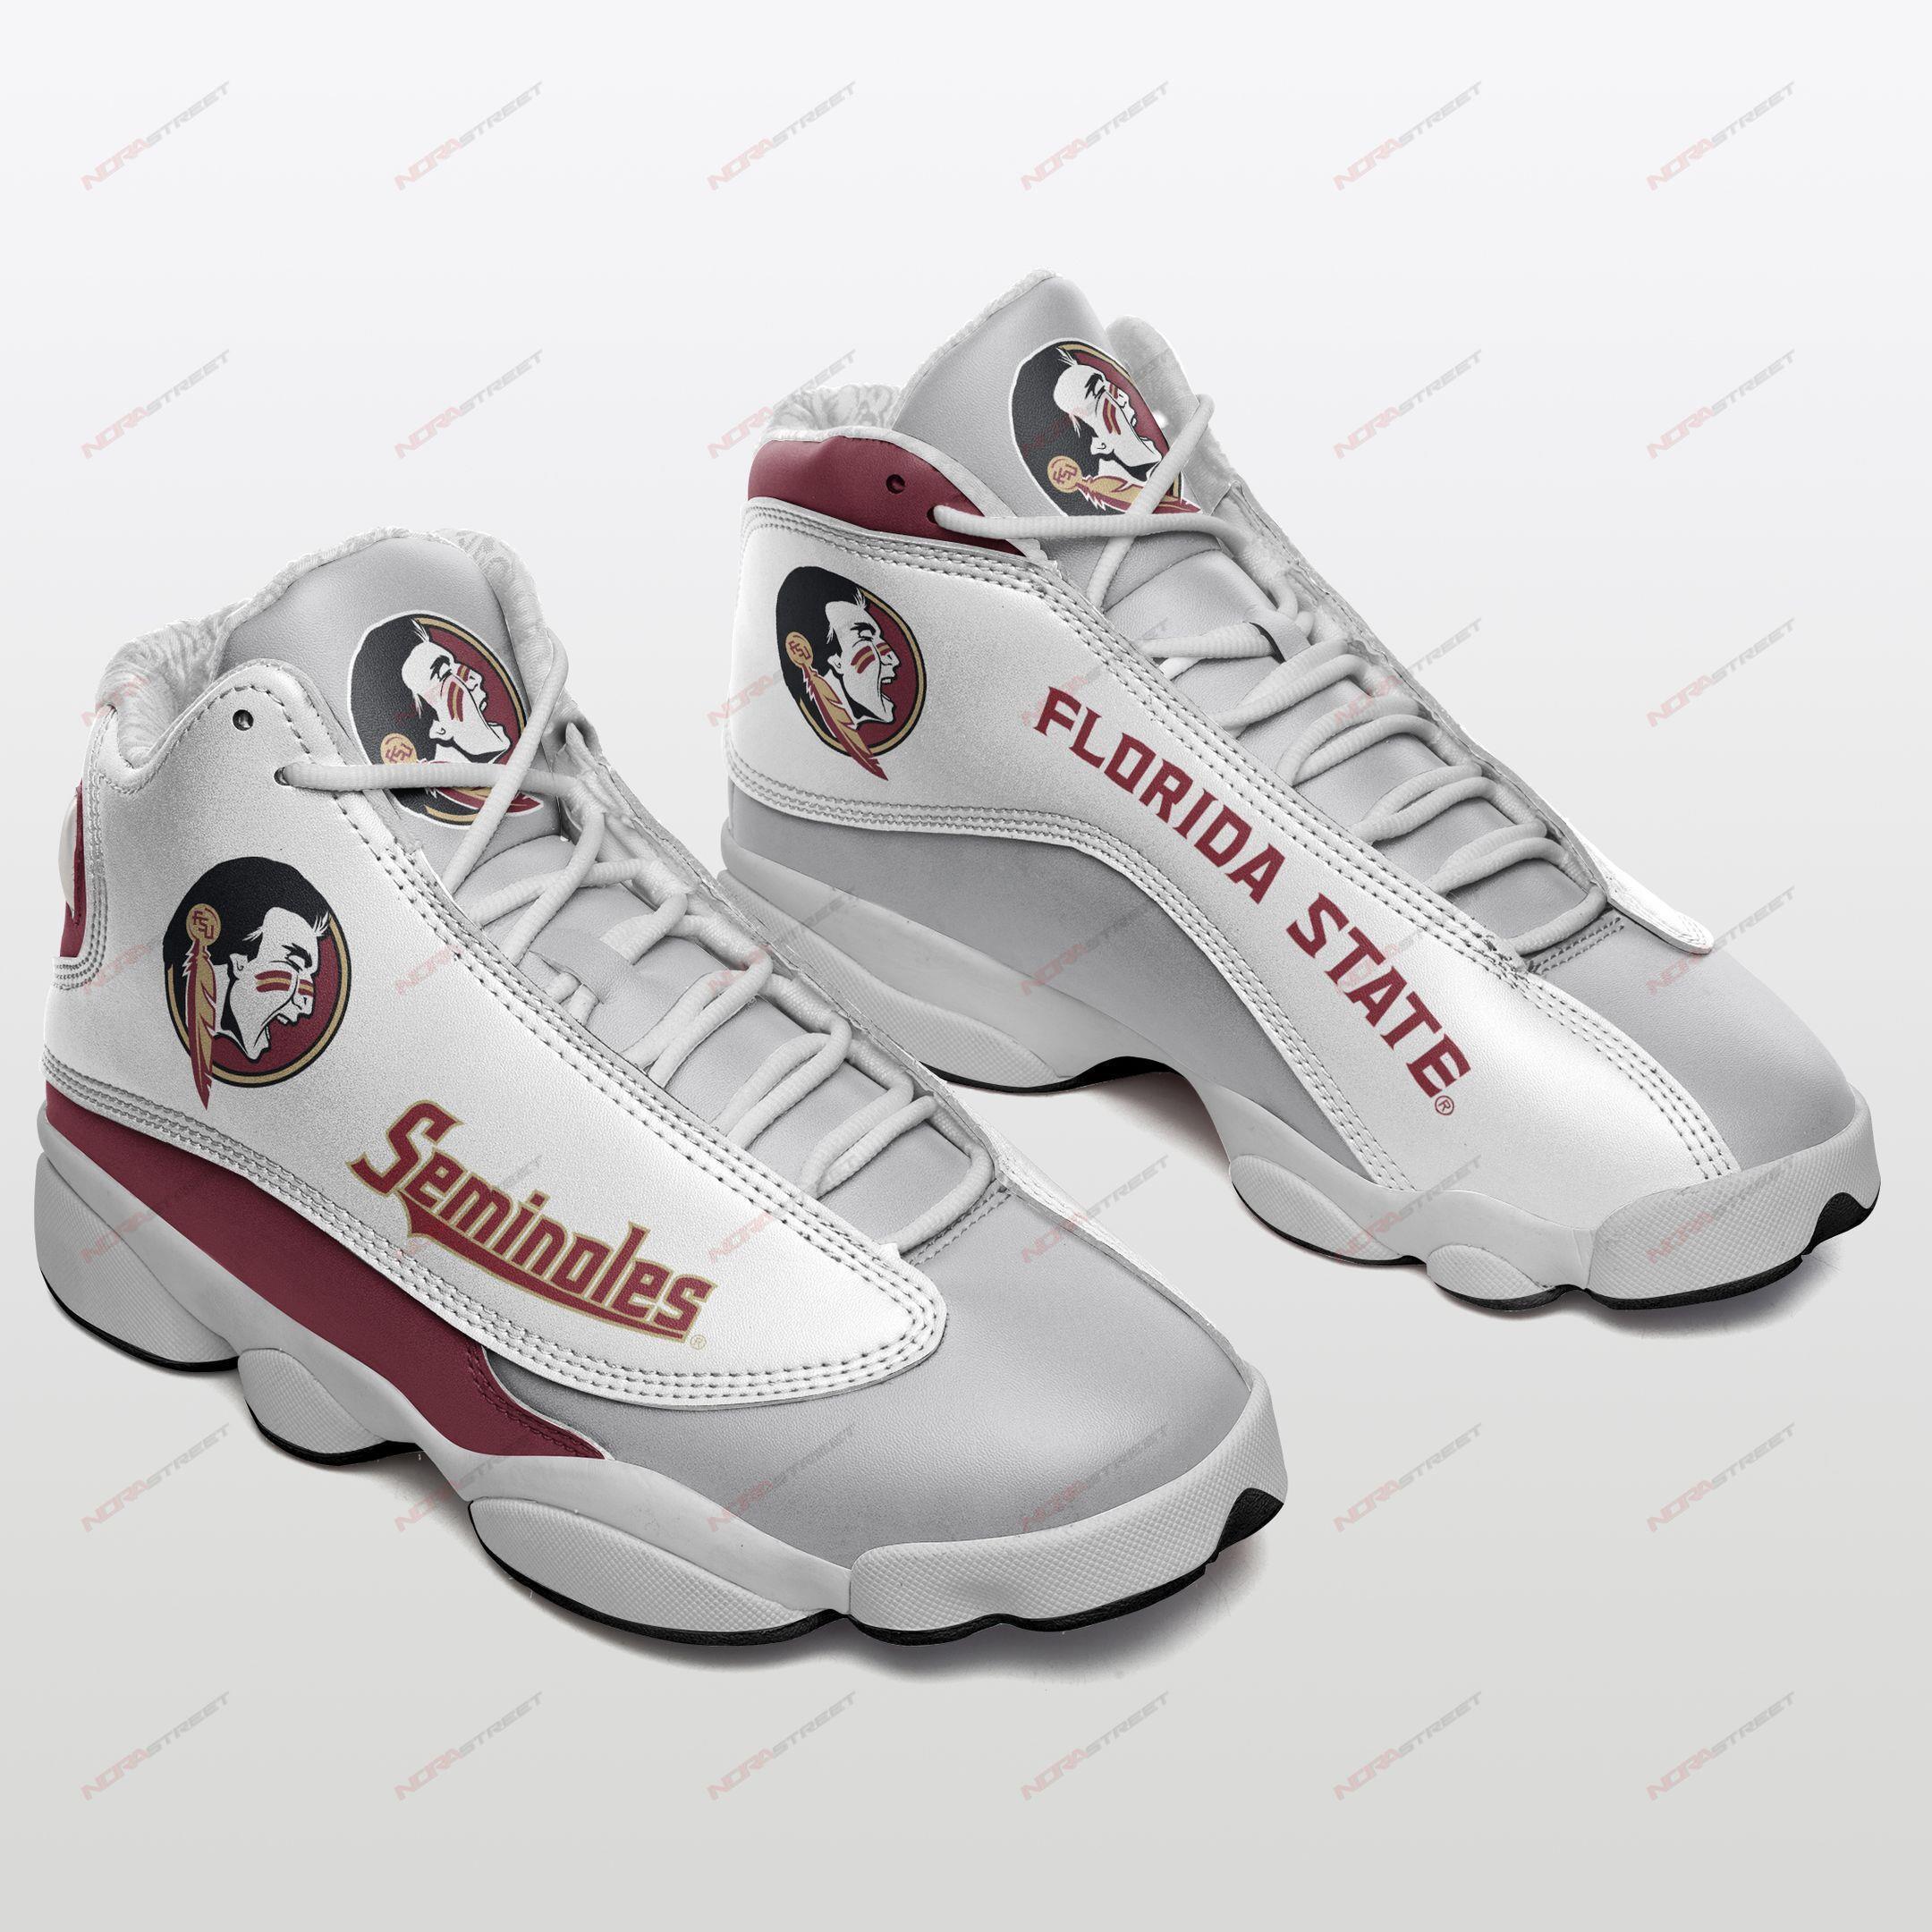 Florida State Seminoles Air Jordan 13 Sneakers Sport Shoes Plus Size